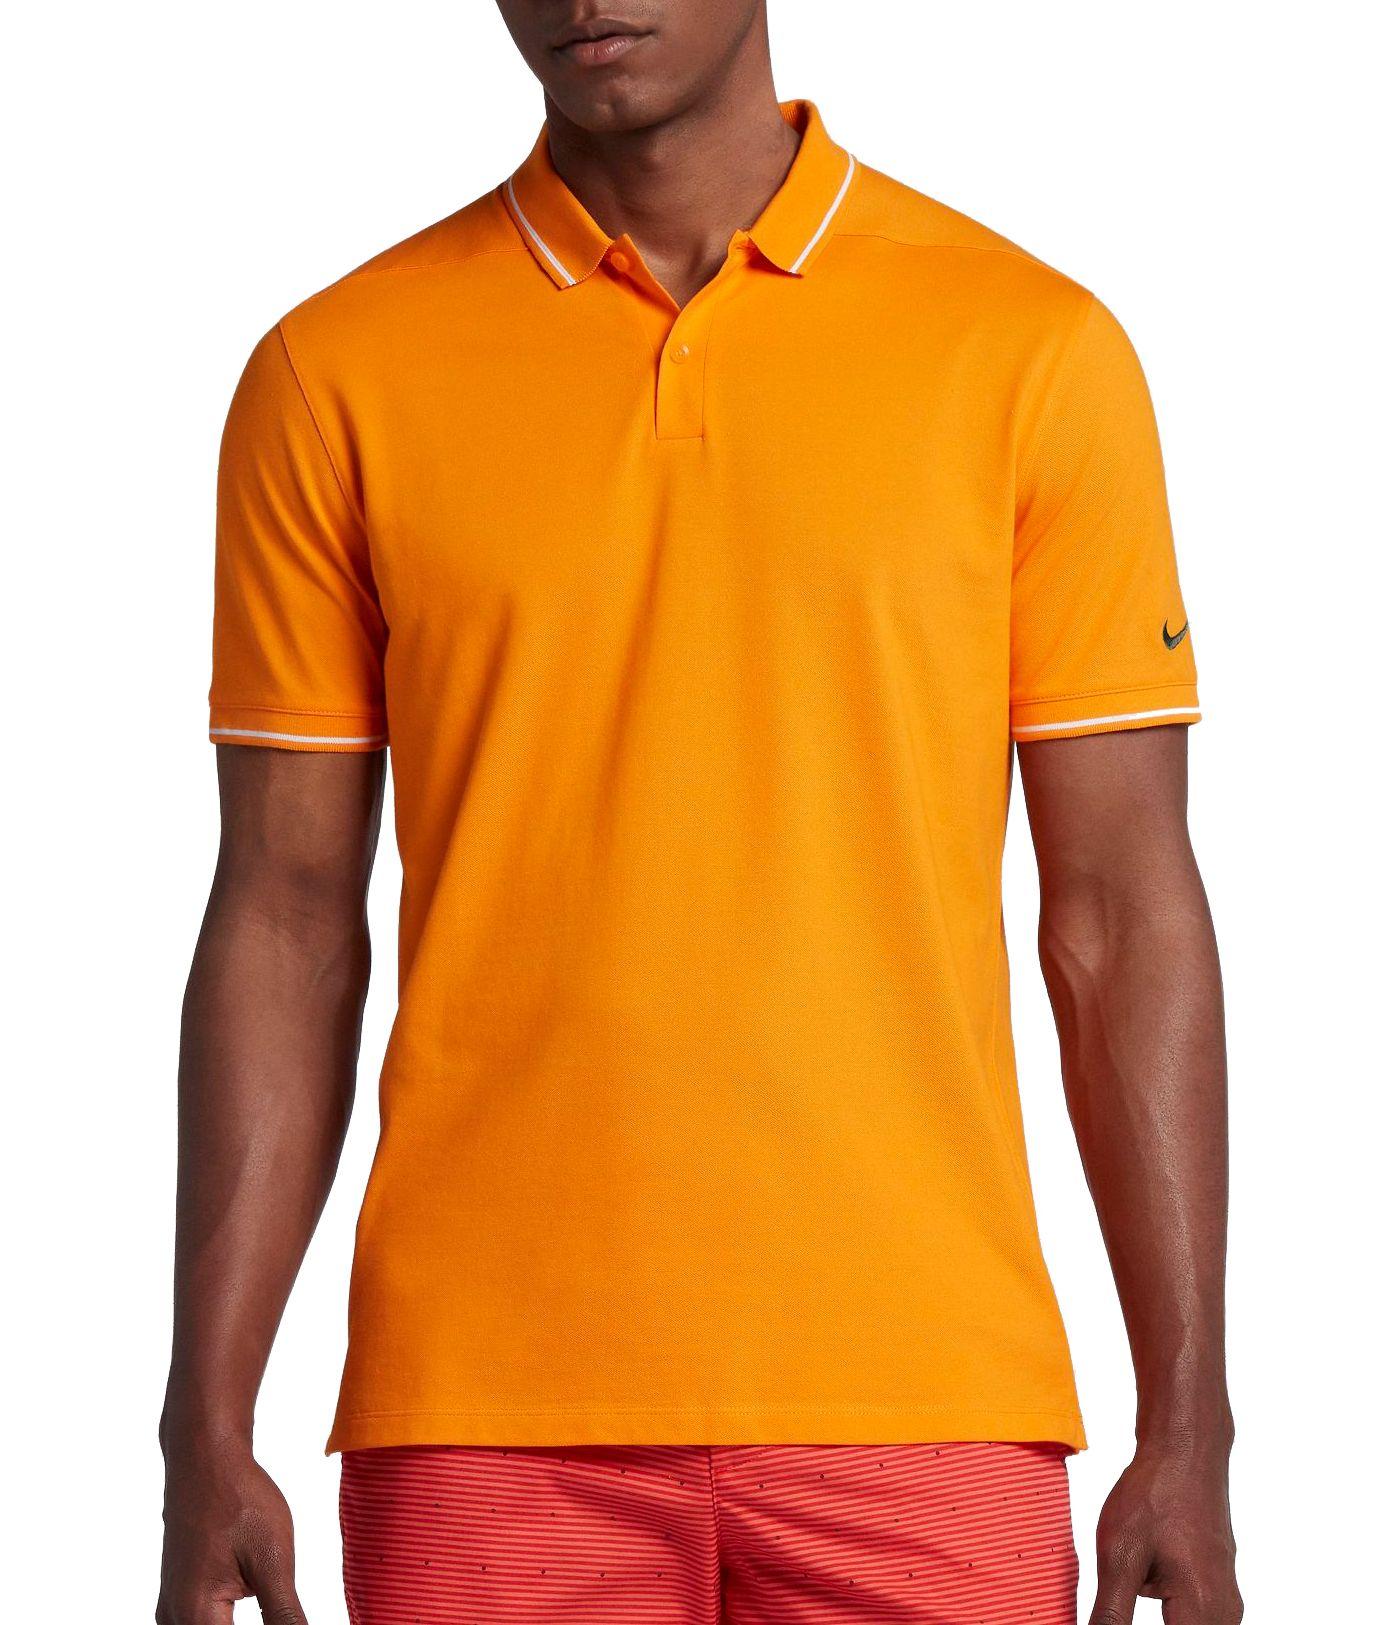 Nike Men's Classic Pique Golf Polo